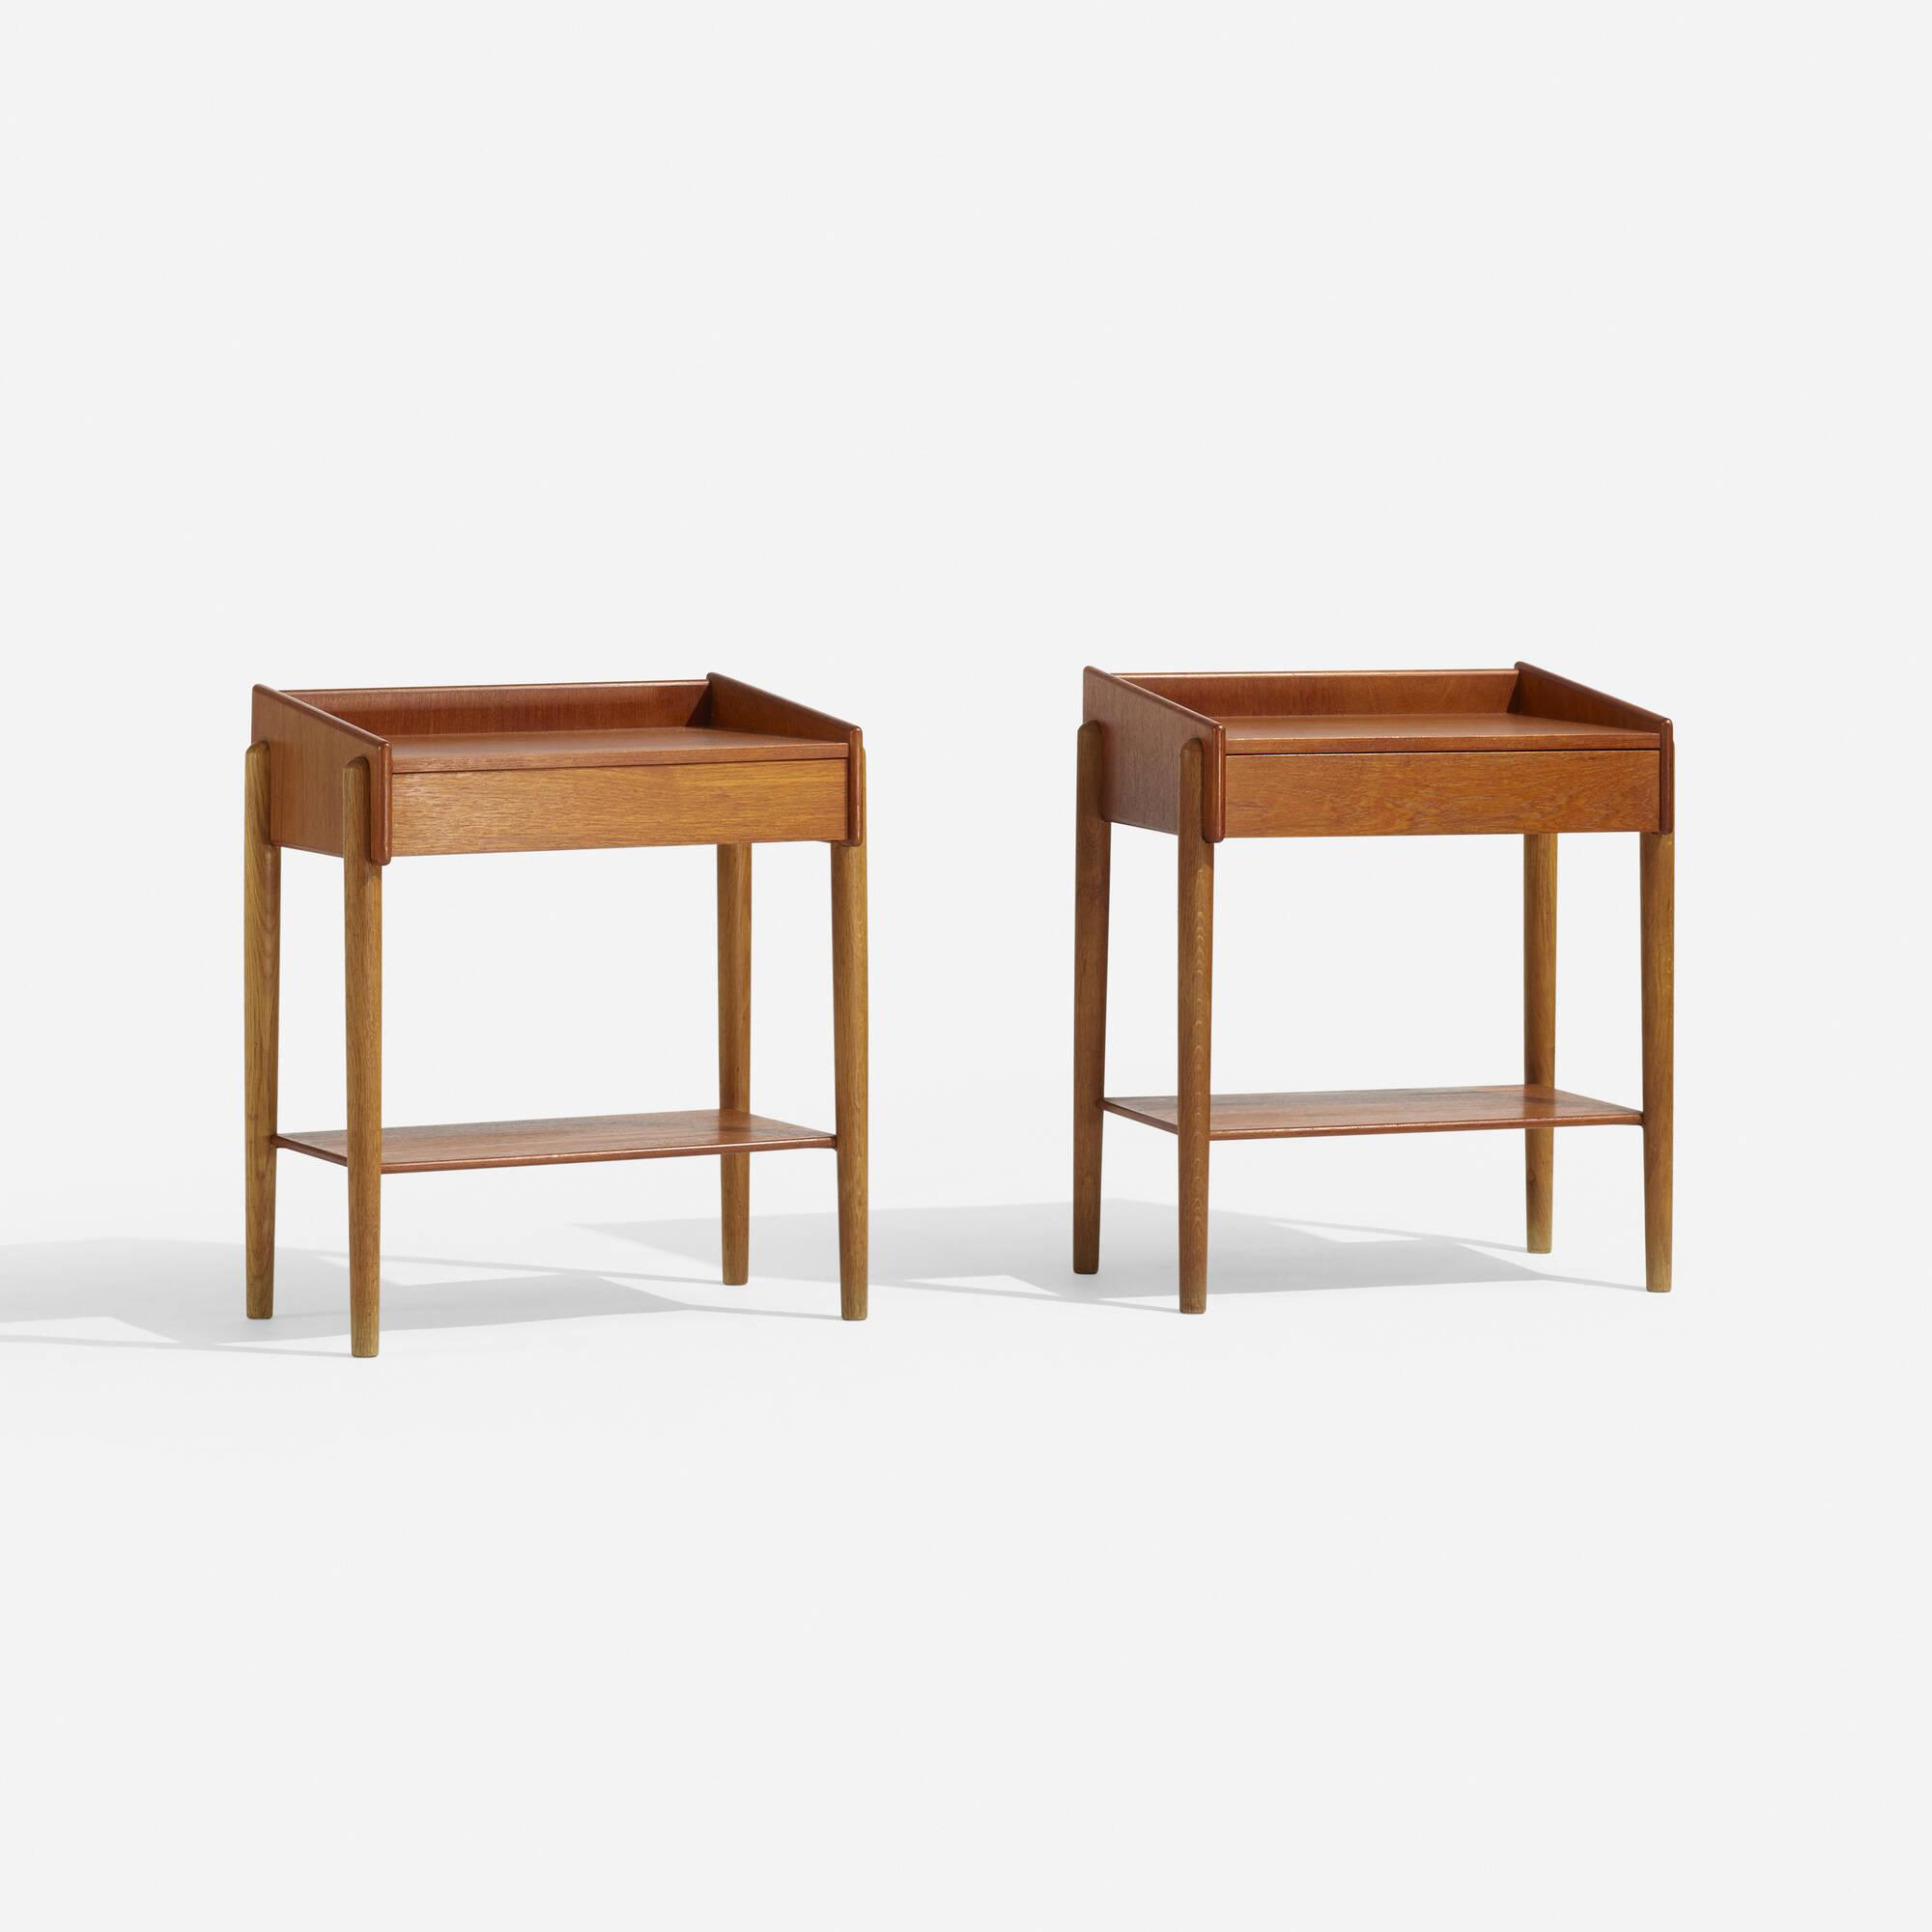 131: Børge Mogensen / nightstands model 148, pair (1 of 2)